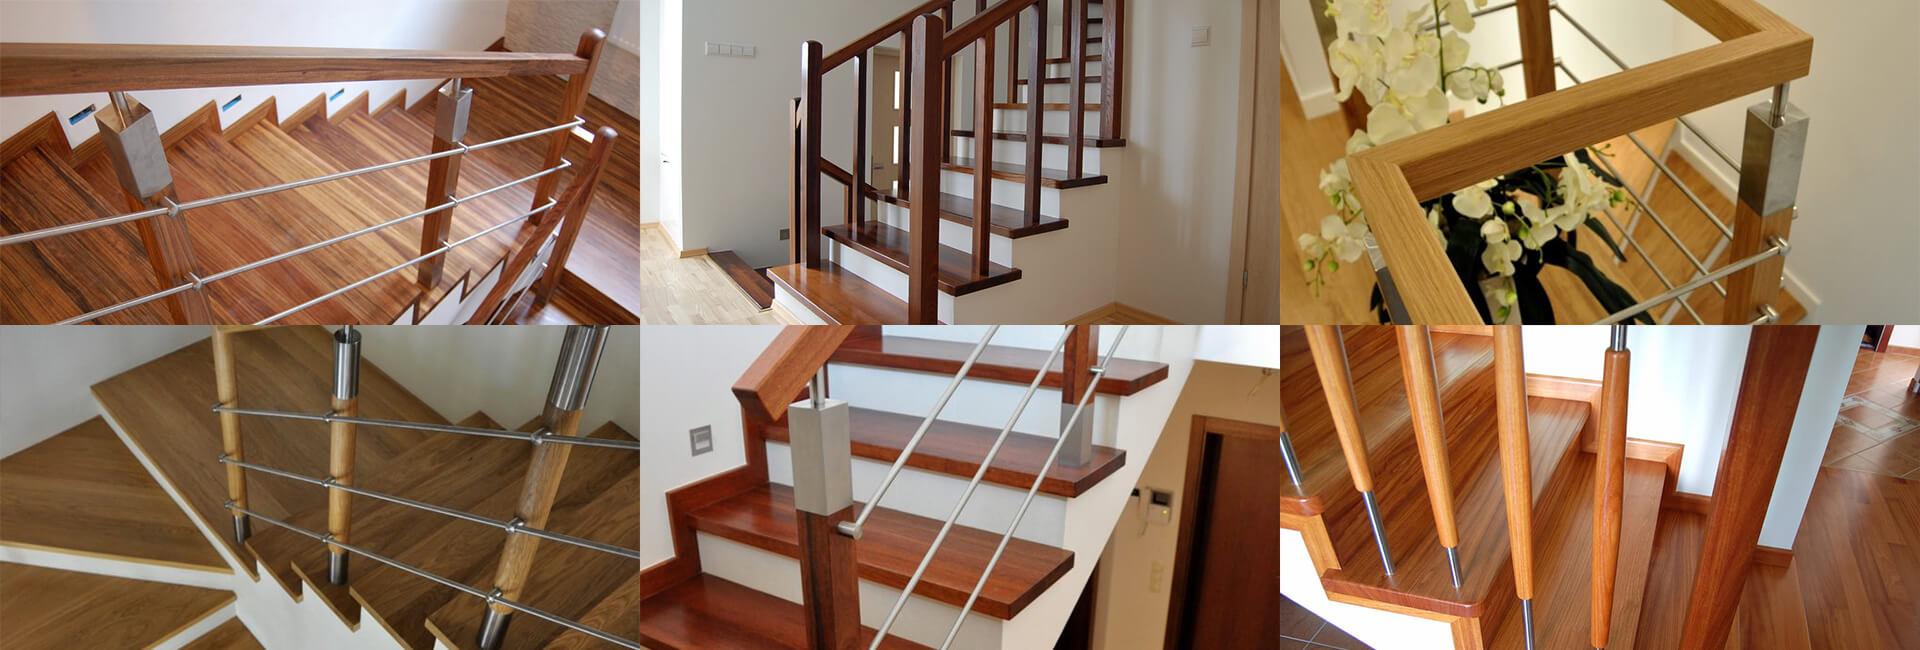 Balustrady drewniane DREWEX